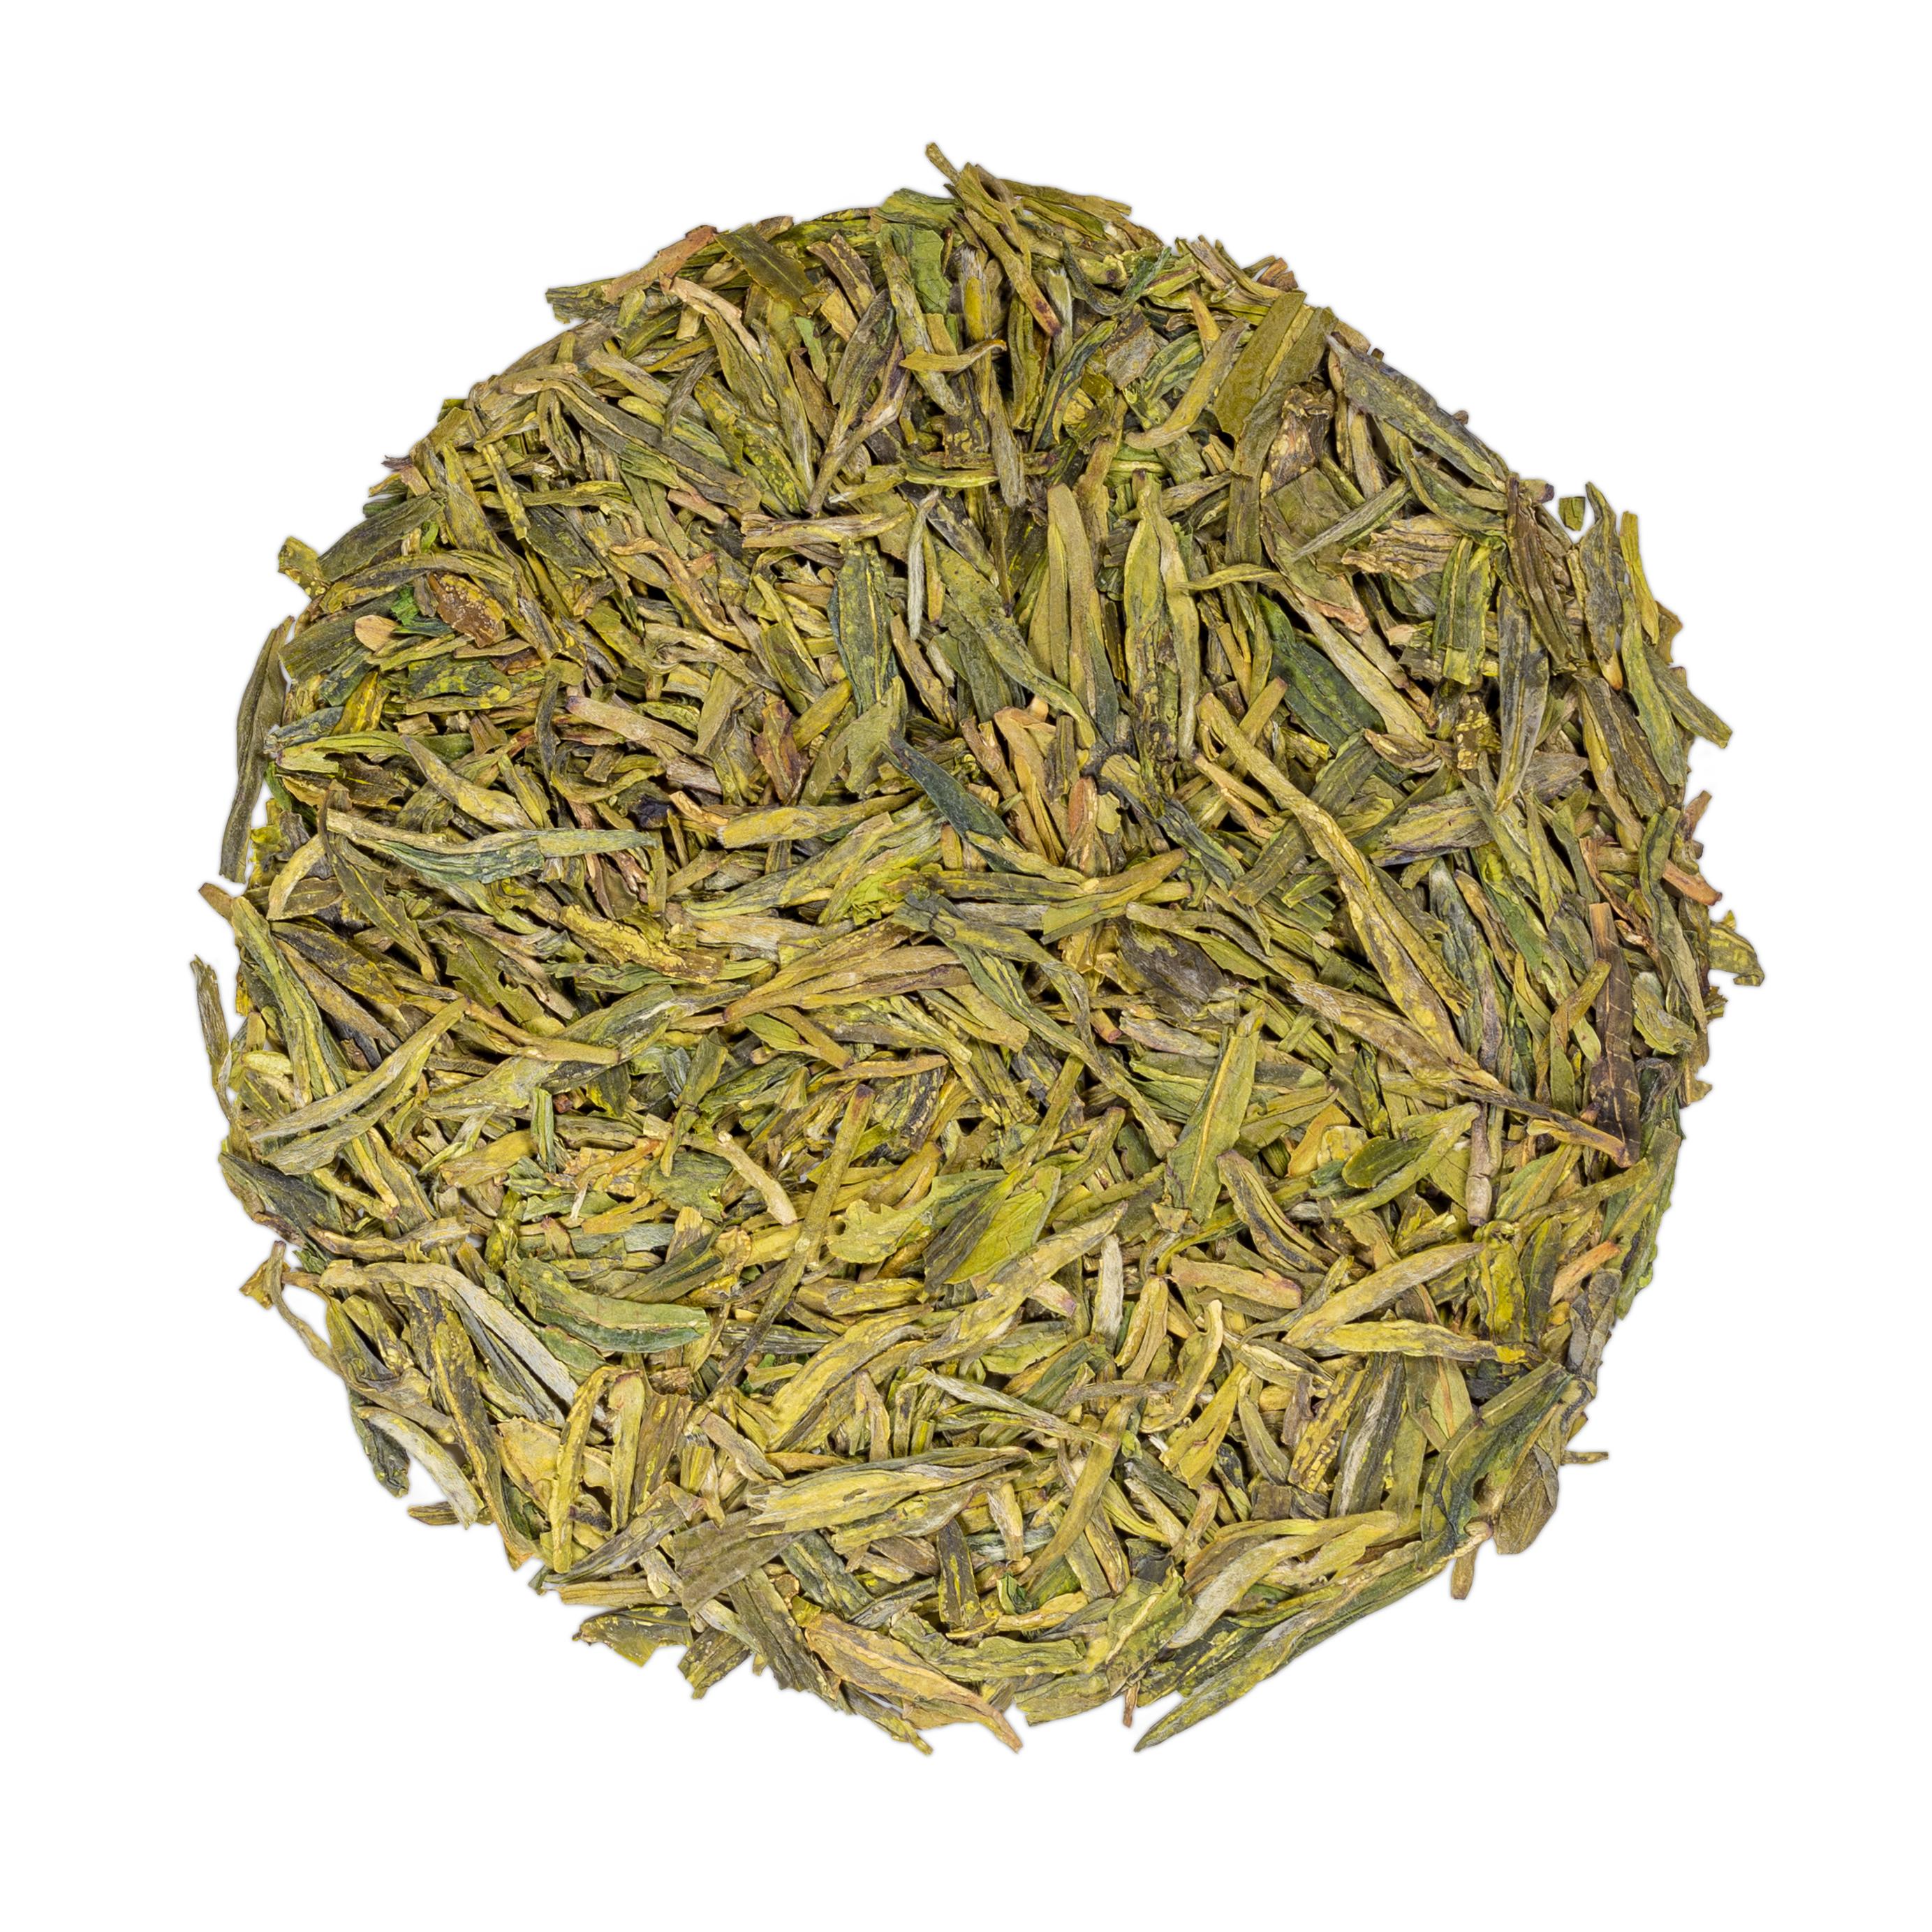 KUSMI TEA Long Jing, Hangzhou Zhejiang bio Thé vert  Kusmi Tea